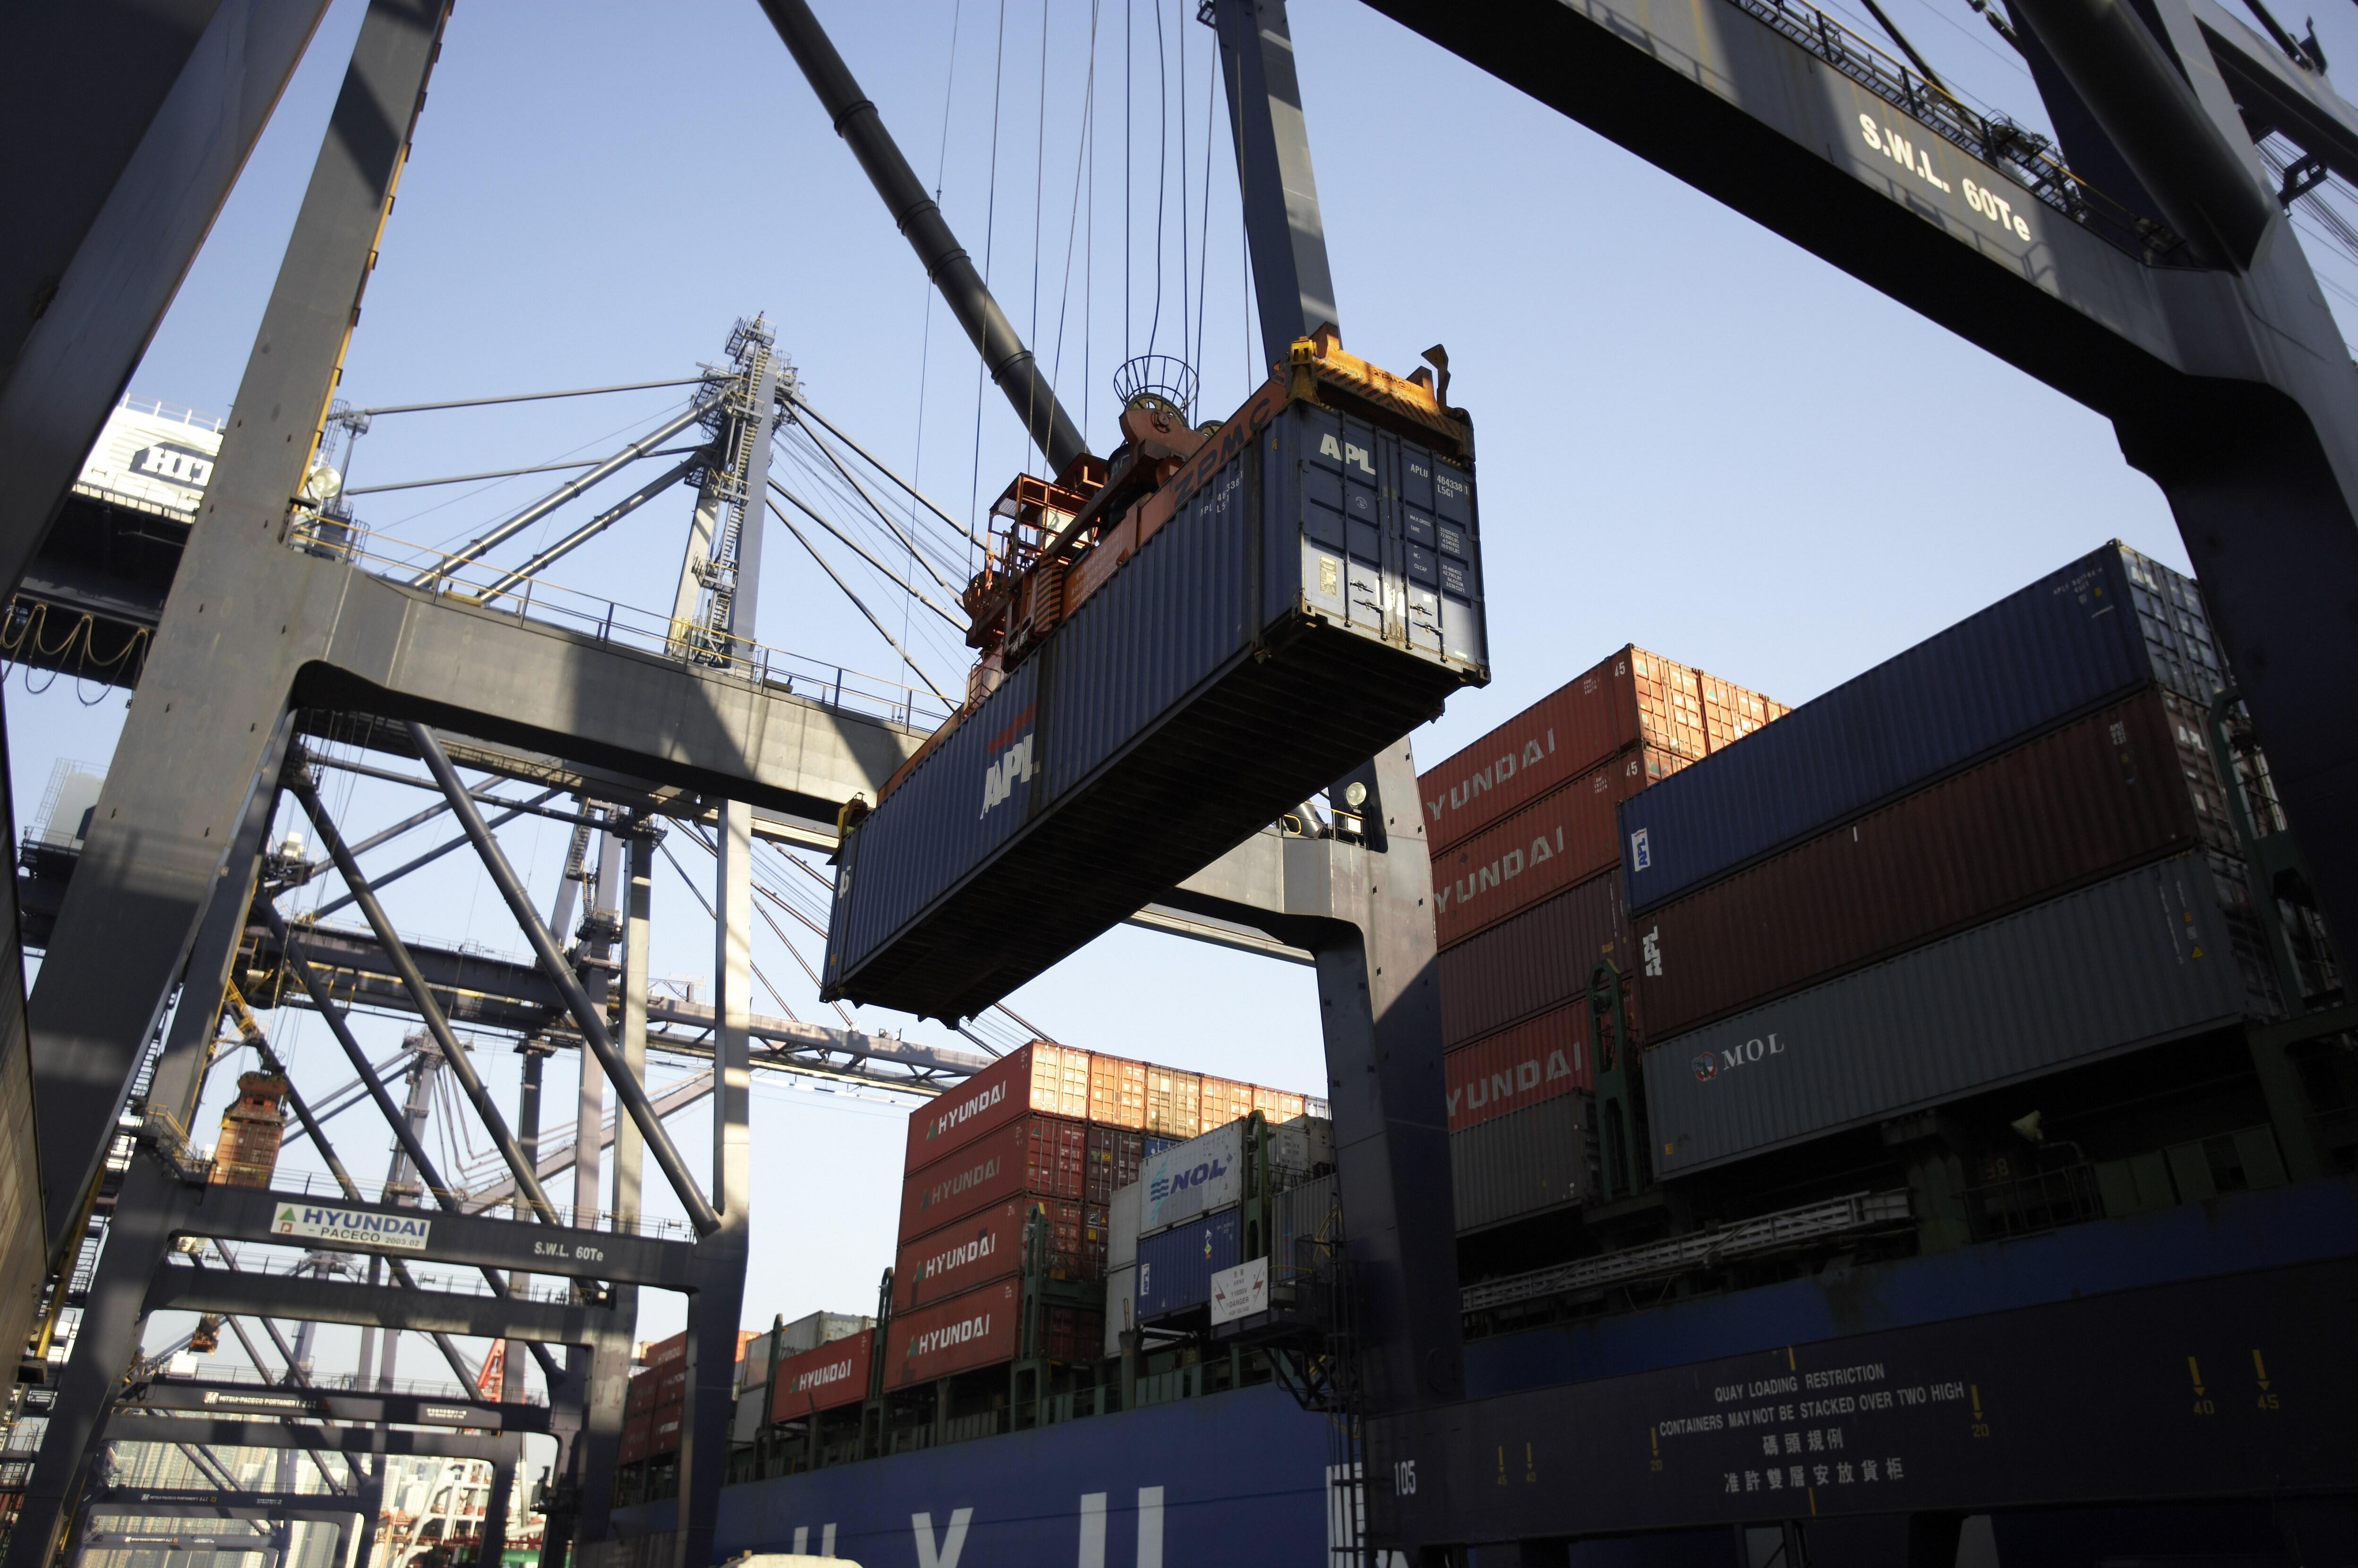 امحای کالای وارداتی غیرقابل ترخیص و بدون مجوز در حوزه وظایف گمرک نیست/ گمرک در قبال کالاهای خارج از قلمرو خود مسئولیتی ندارد